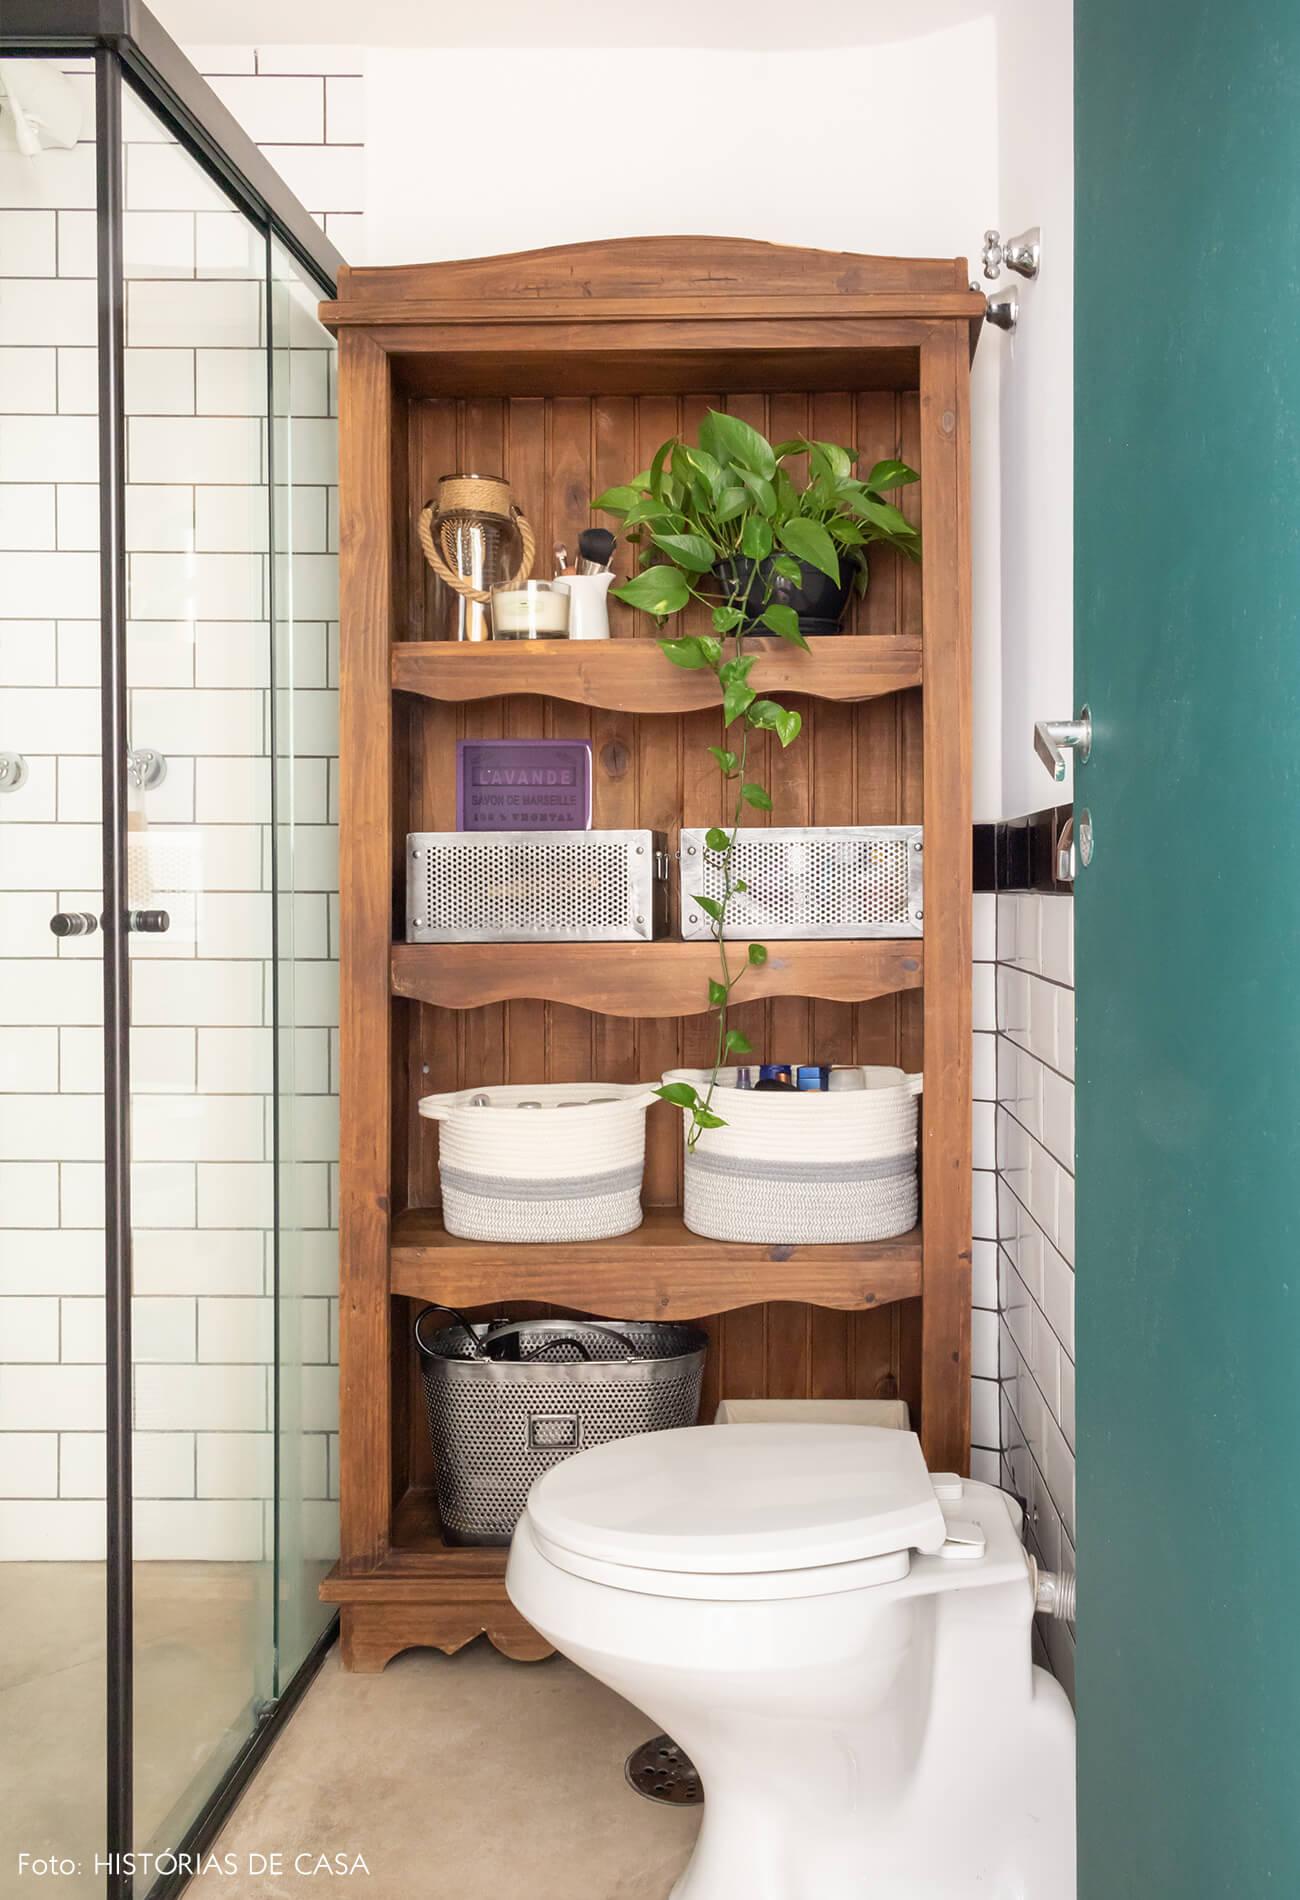 banheiro estante madeira planta